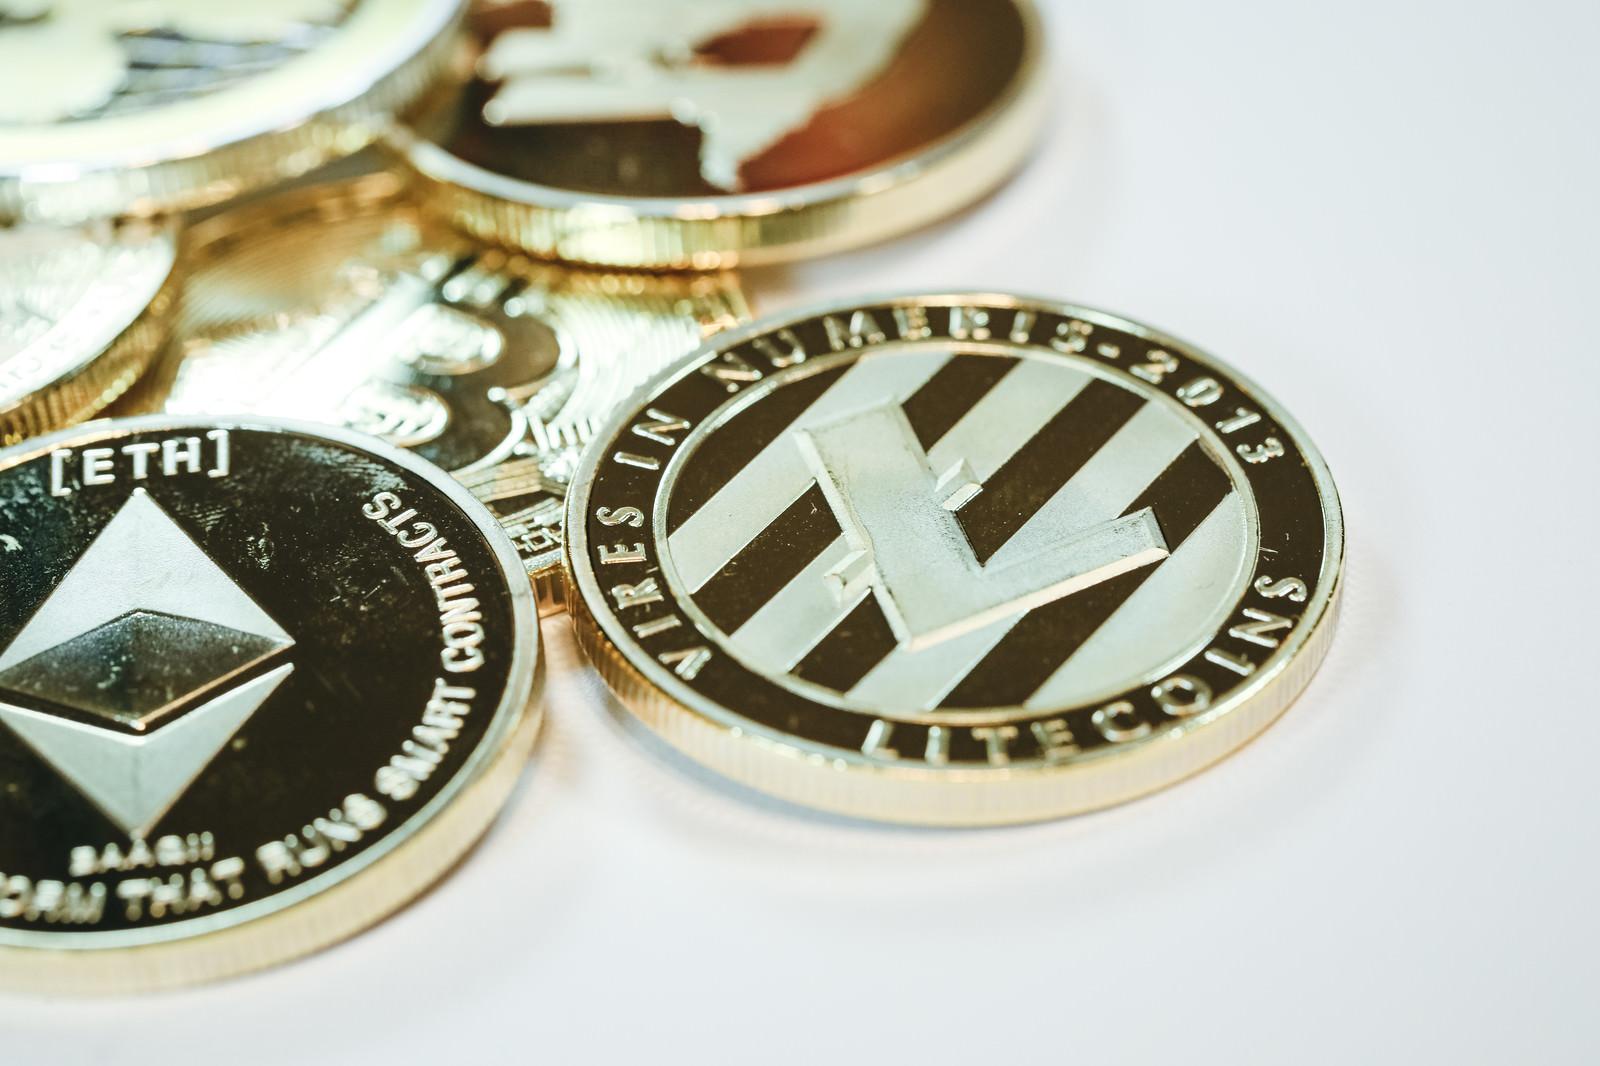 「無造作に置かれた仮想通貨(アルトコイン)」の写真